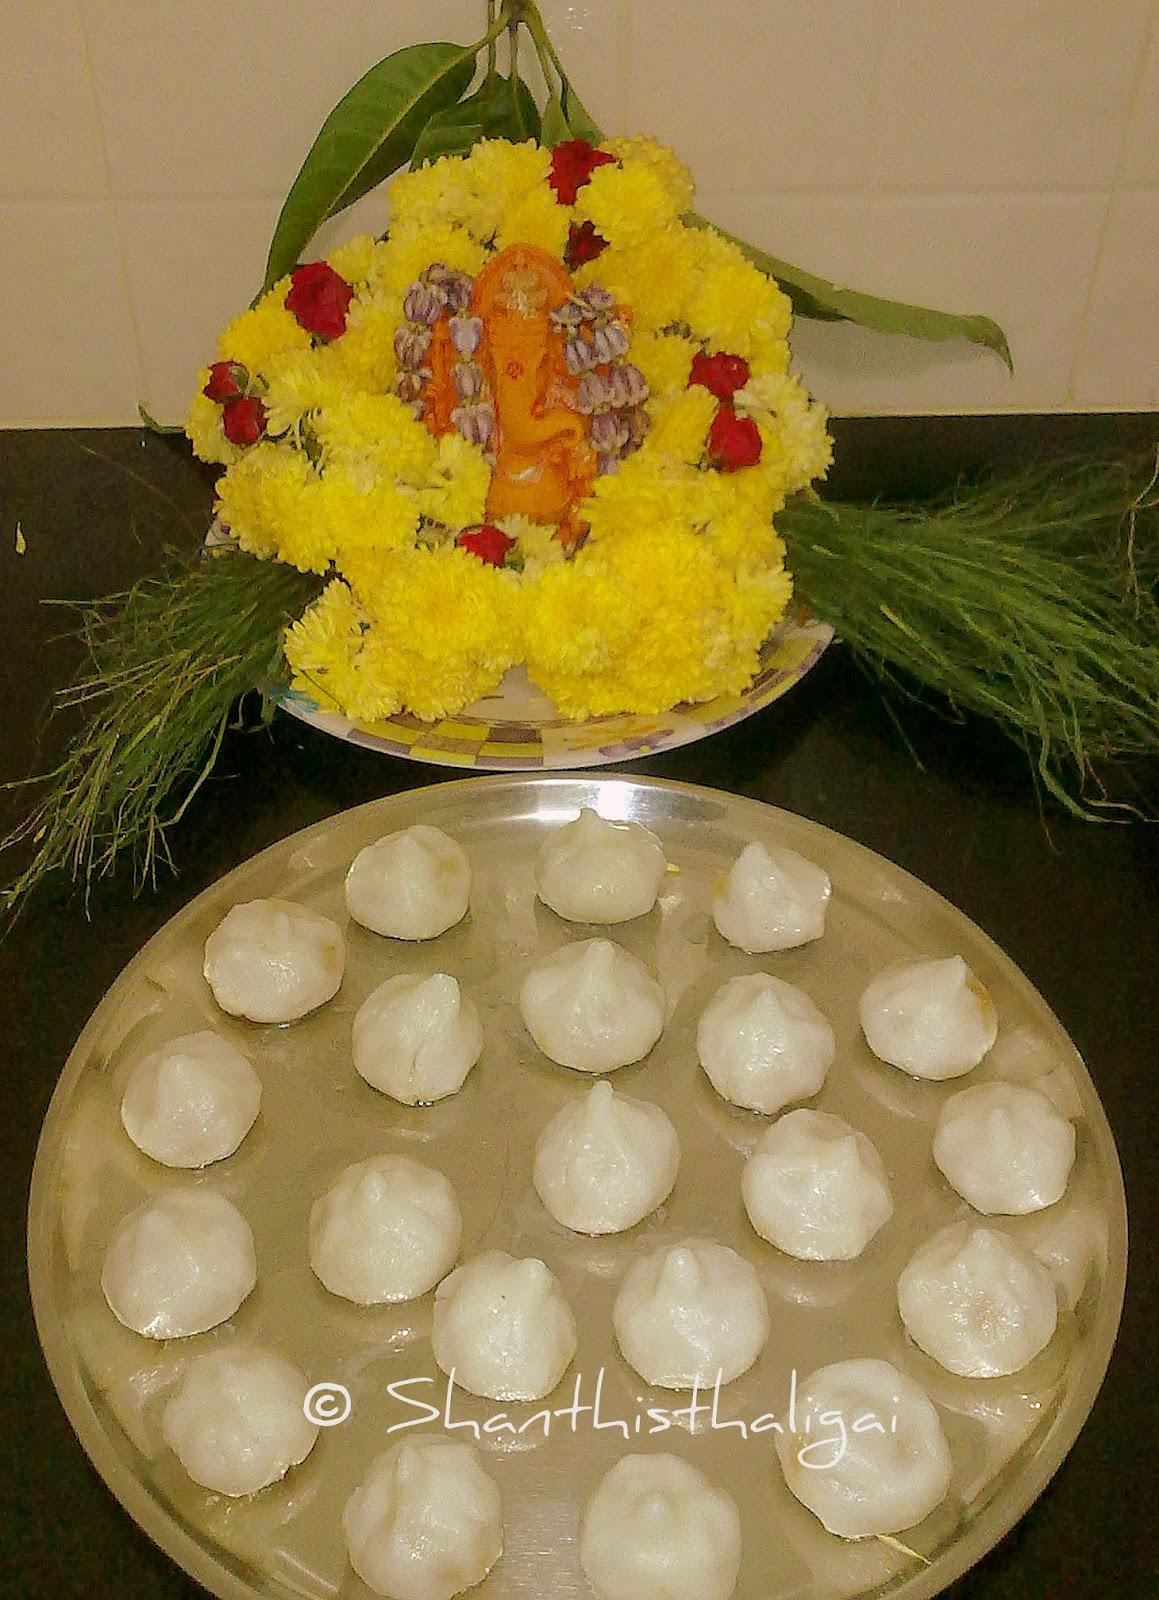 How to make modakam, Modhakam recipe, How to make pillayar kozhukattai, How to make poorna kozhukattai, How to make sweet kozhukattai